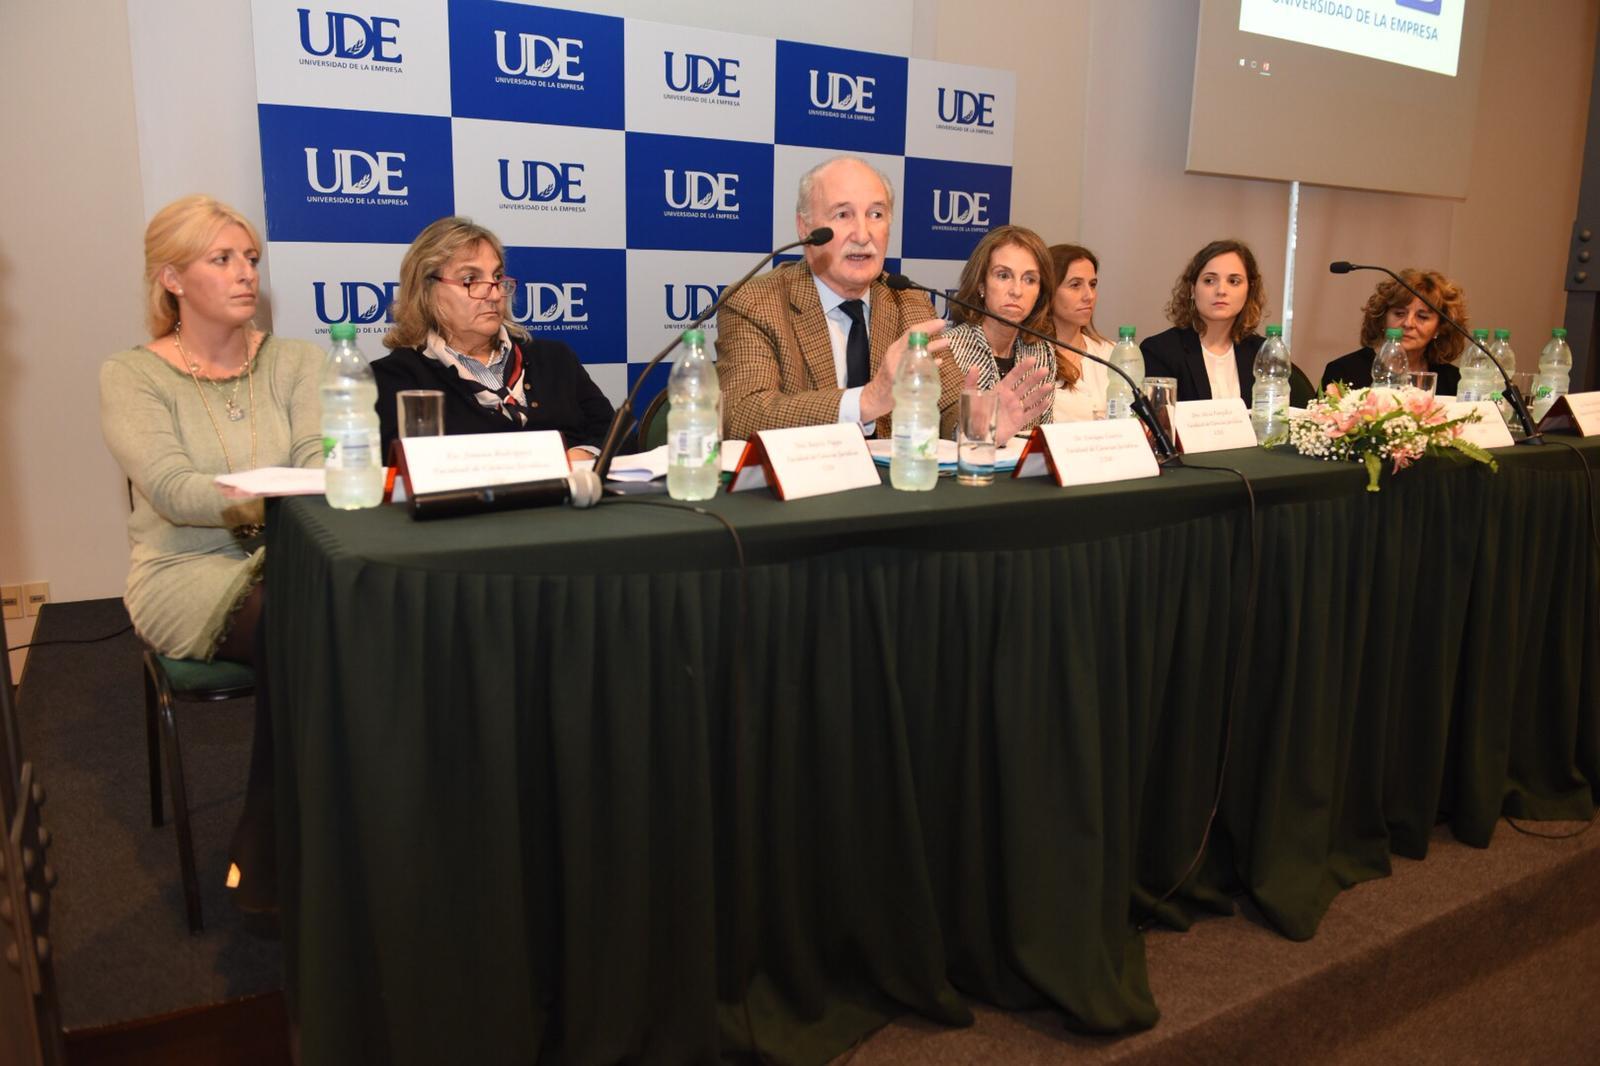 Exitosa conferencia en UDE Colonia <br> Aspectos Legales, Contables y Tributarios del Sector Agropecuario